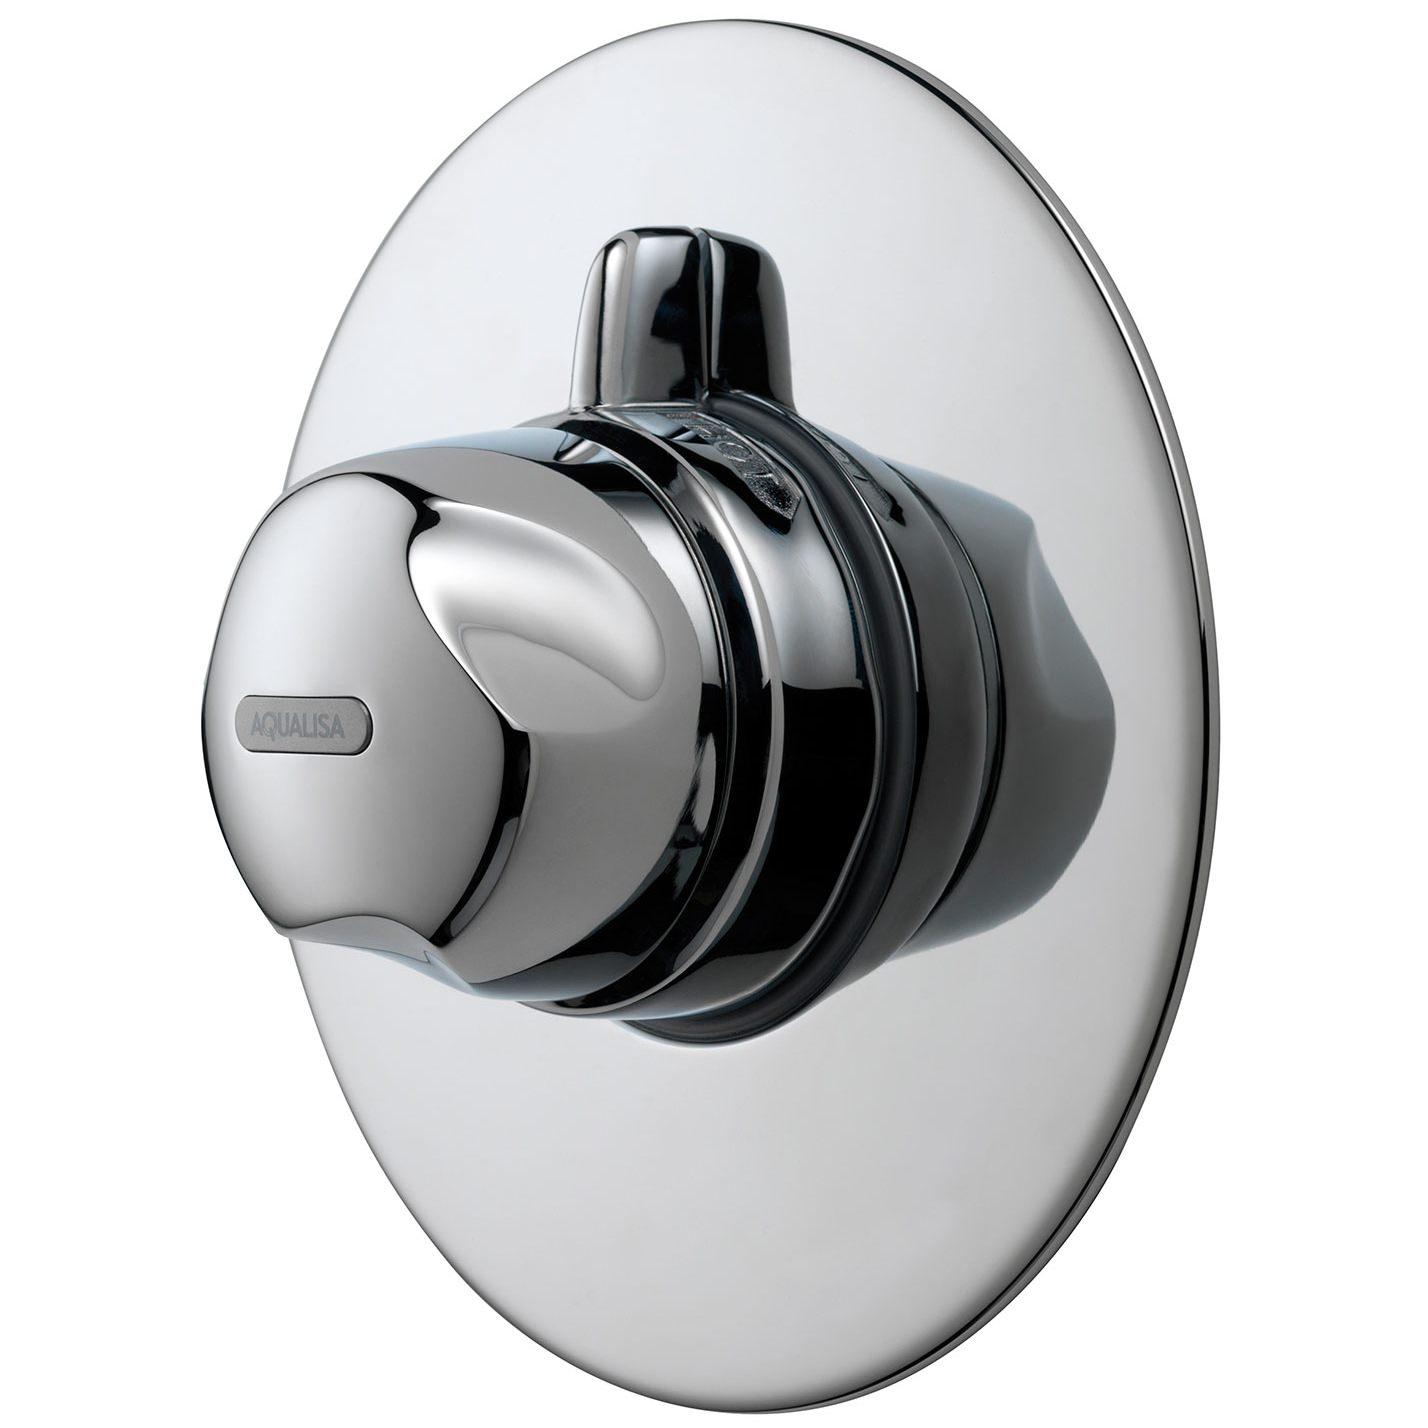 aqualisa aquavalve 700 concealed thermostatic shower valve. Black Bedroom Furniture Sets. Home Design Ideas